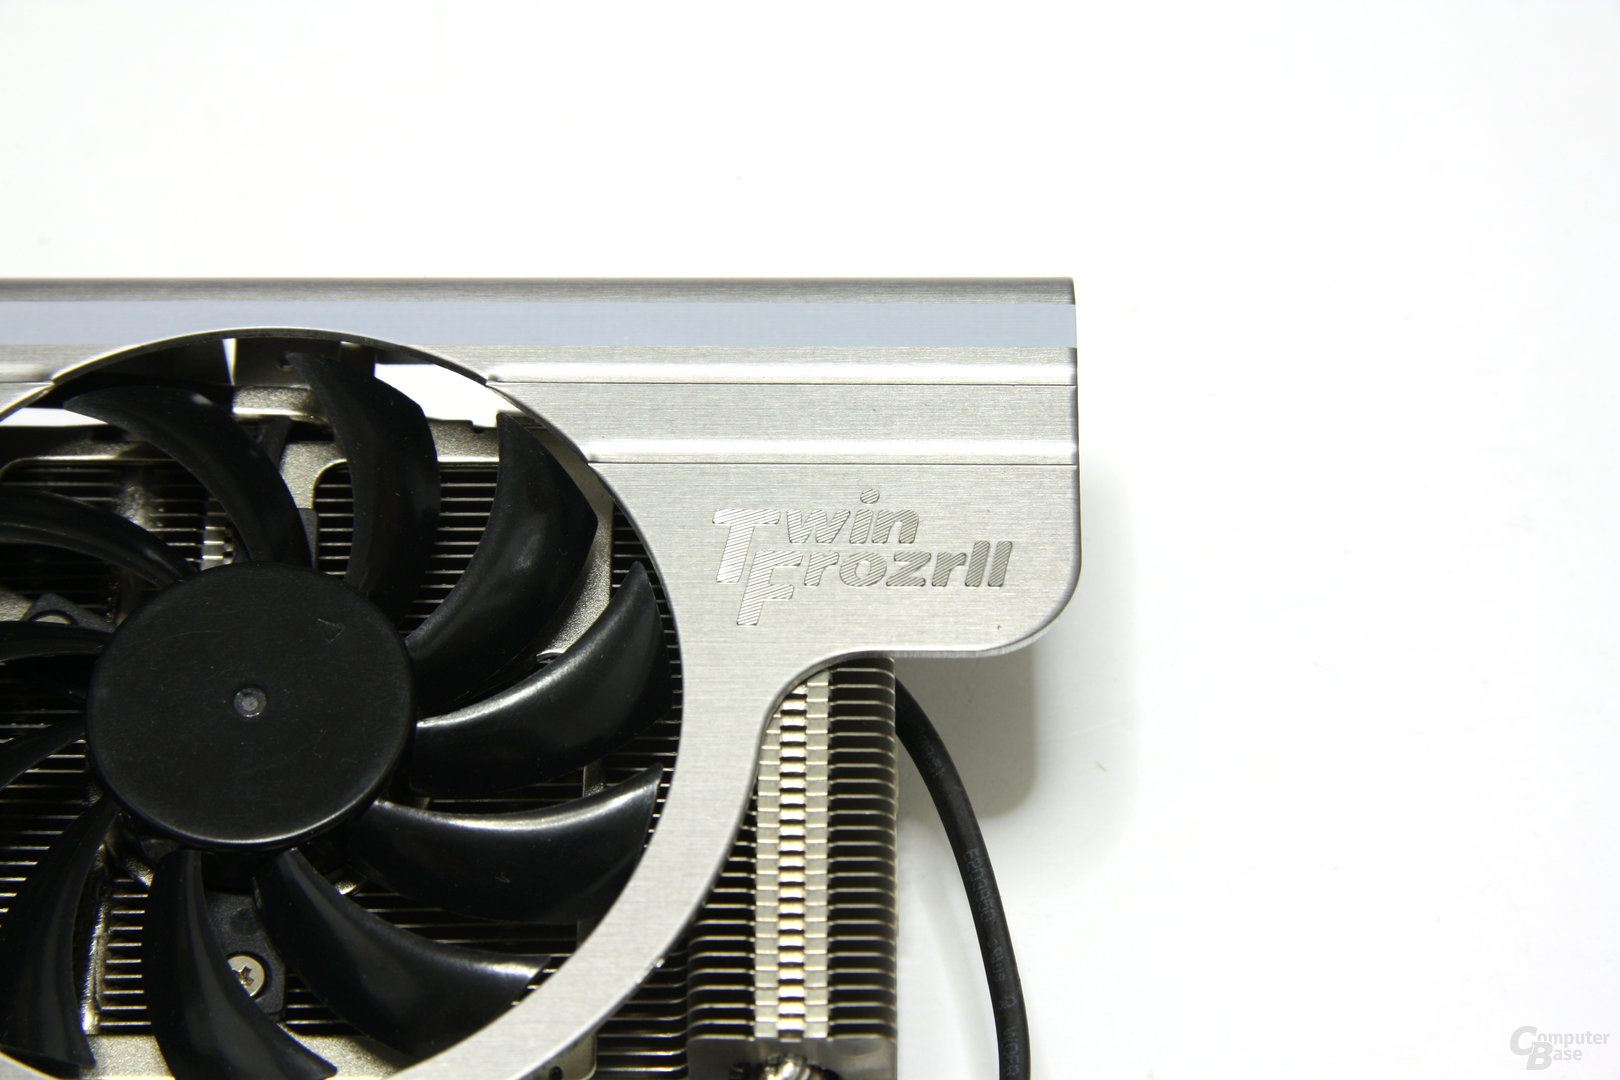 GeForce GTX 460 Hawk Twin Frozr II